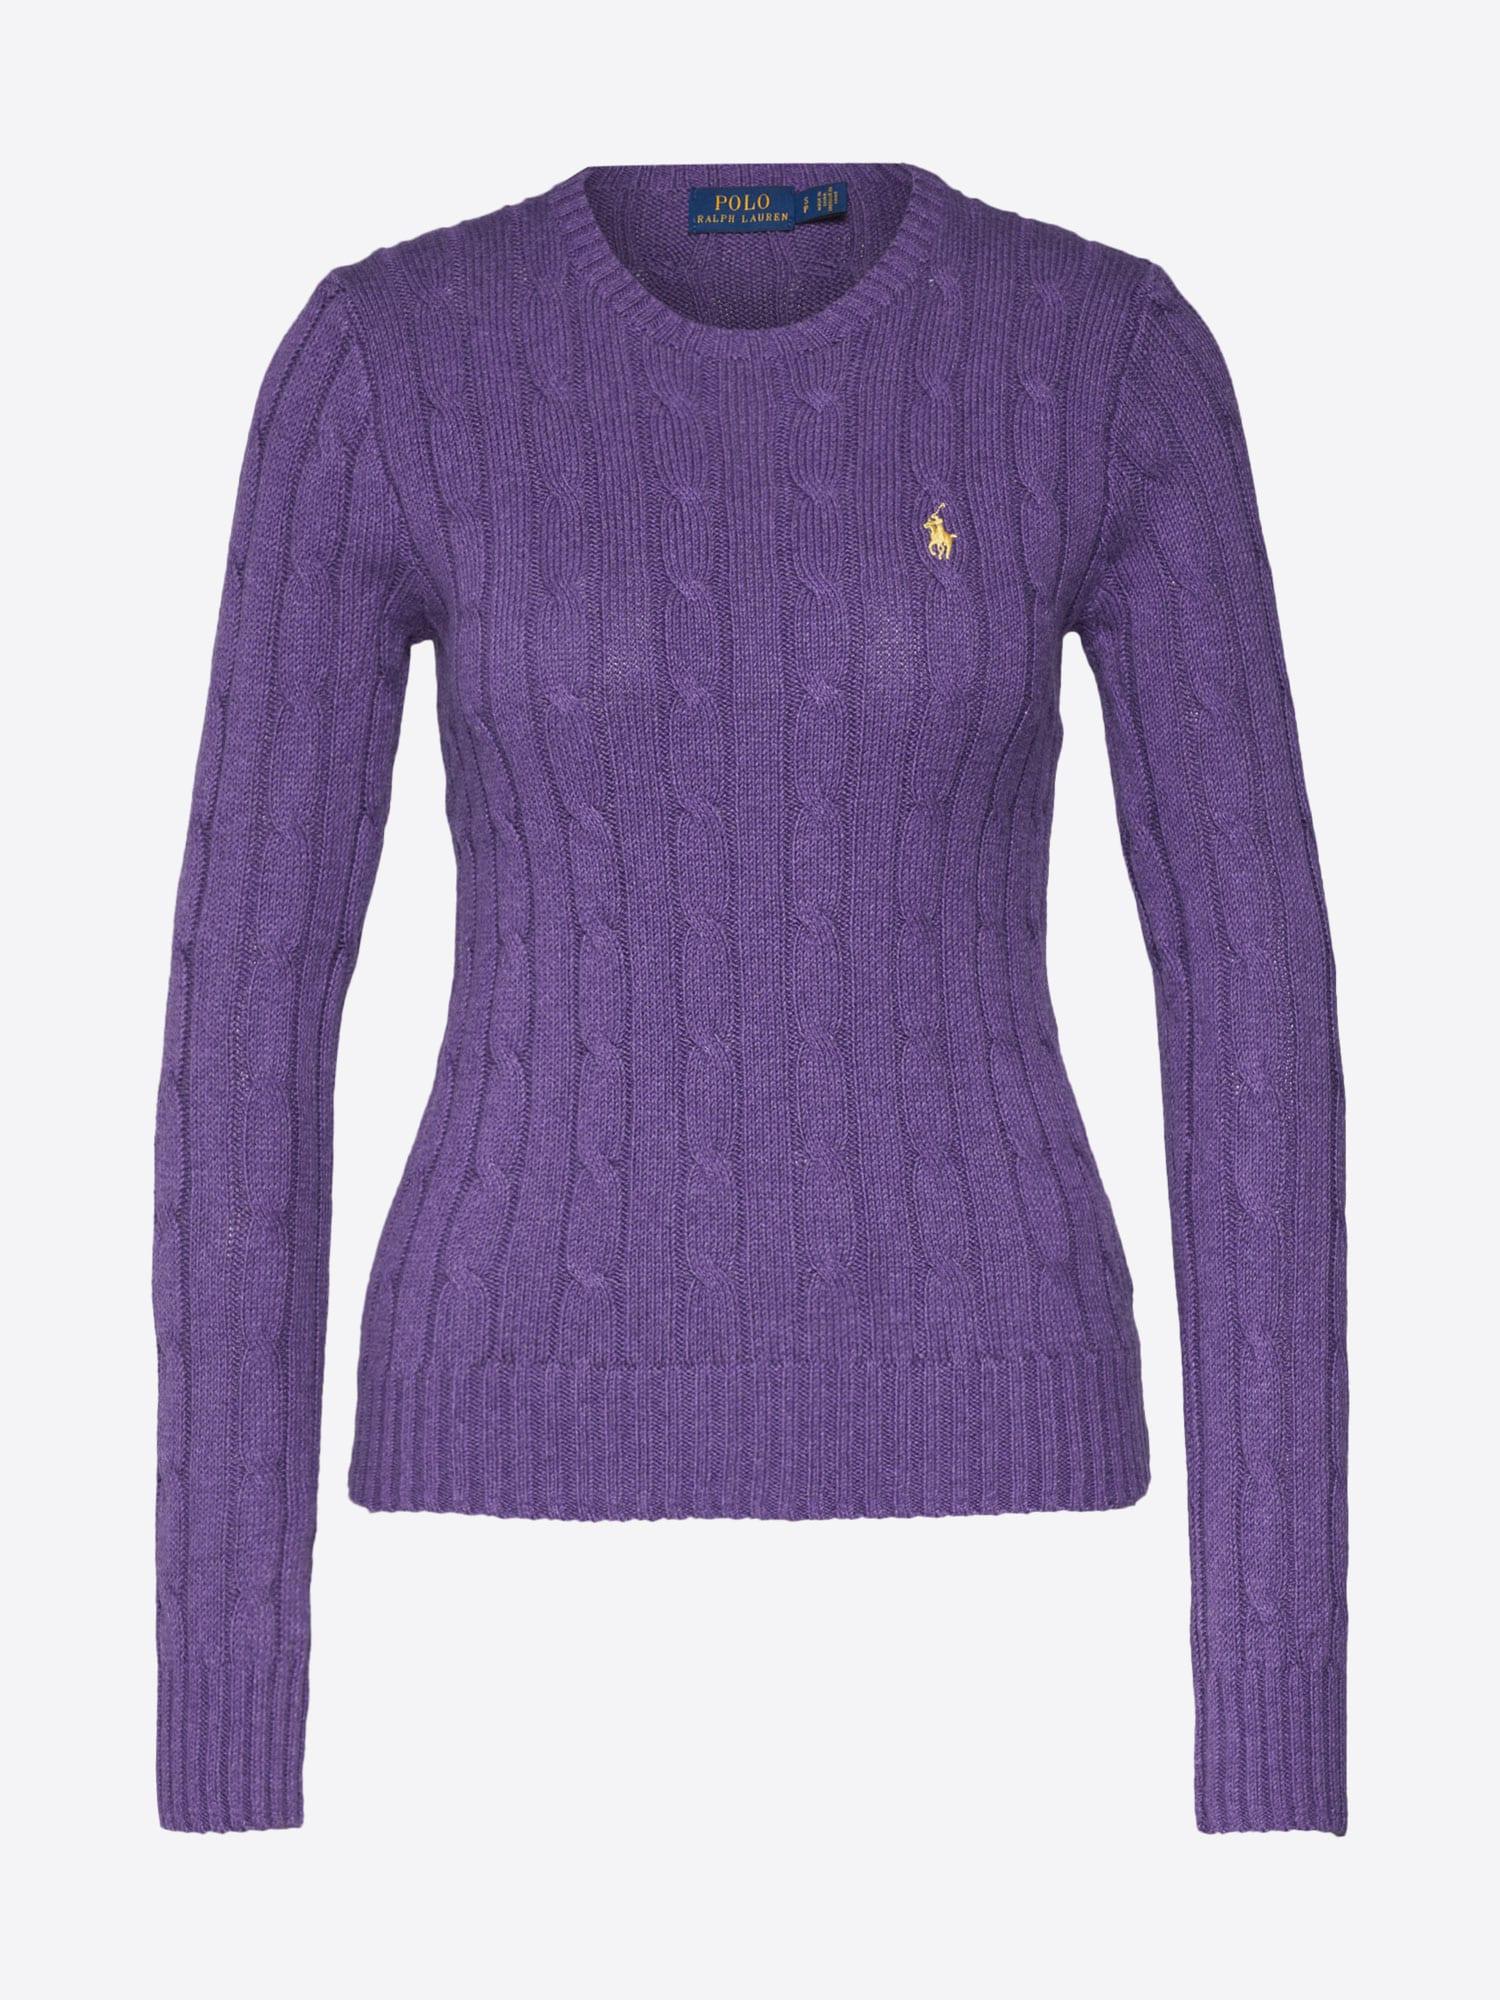 Trui Geel Dames.Polo Ralph Lauren Dames Trui Geel Lila Shop Via Mode Webwinkel Nl